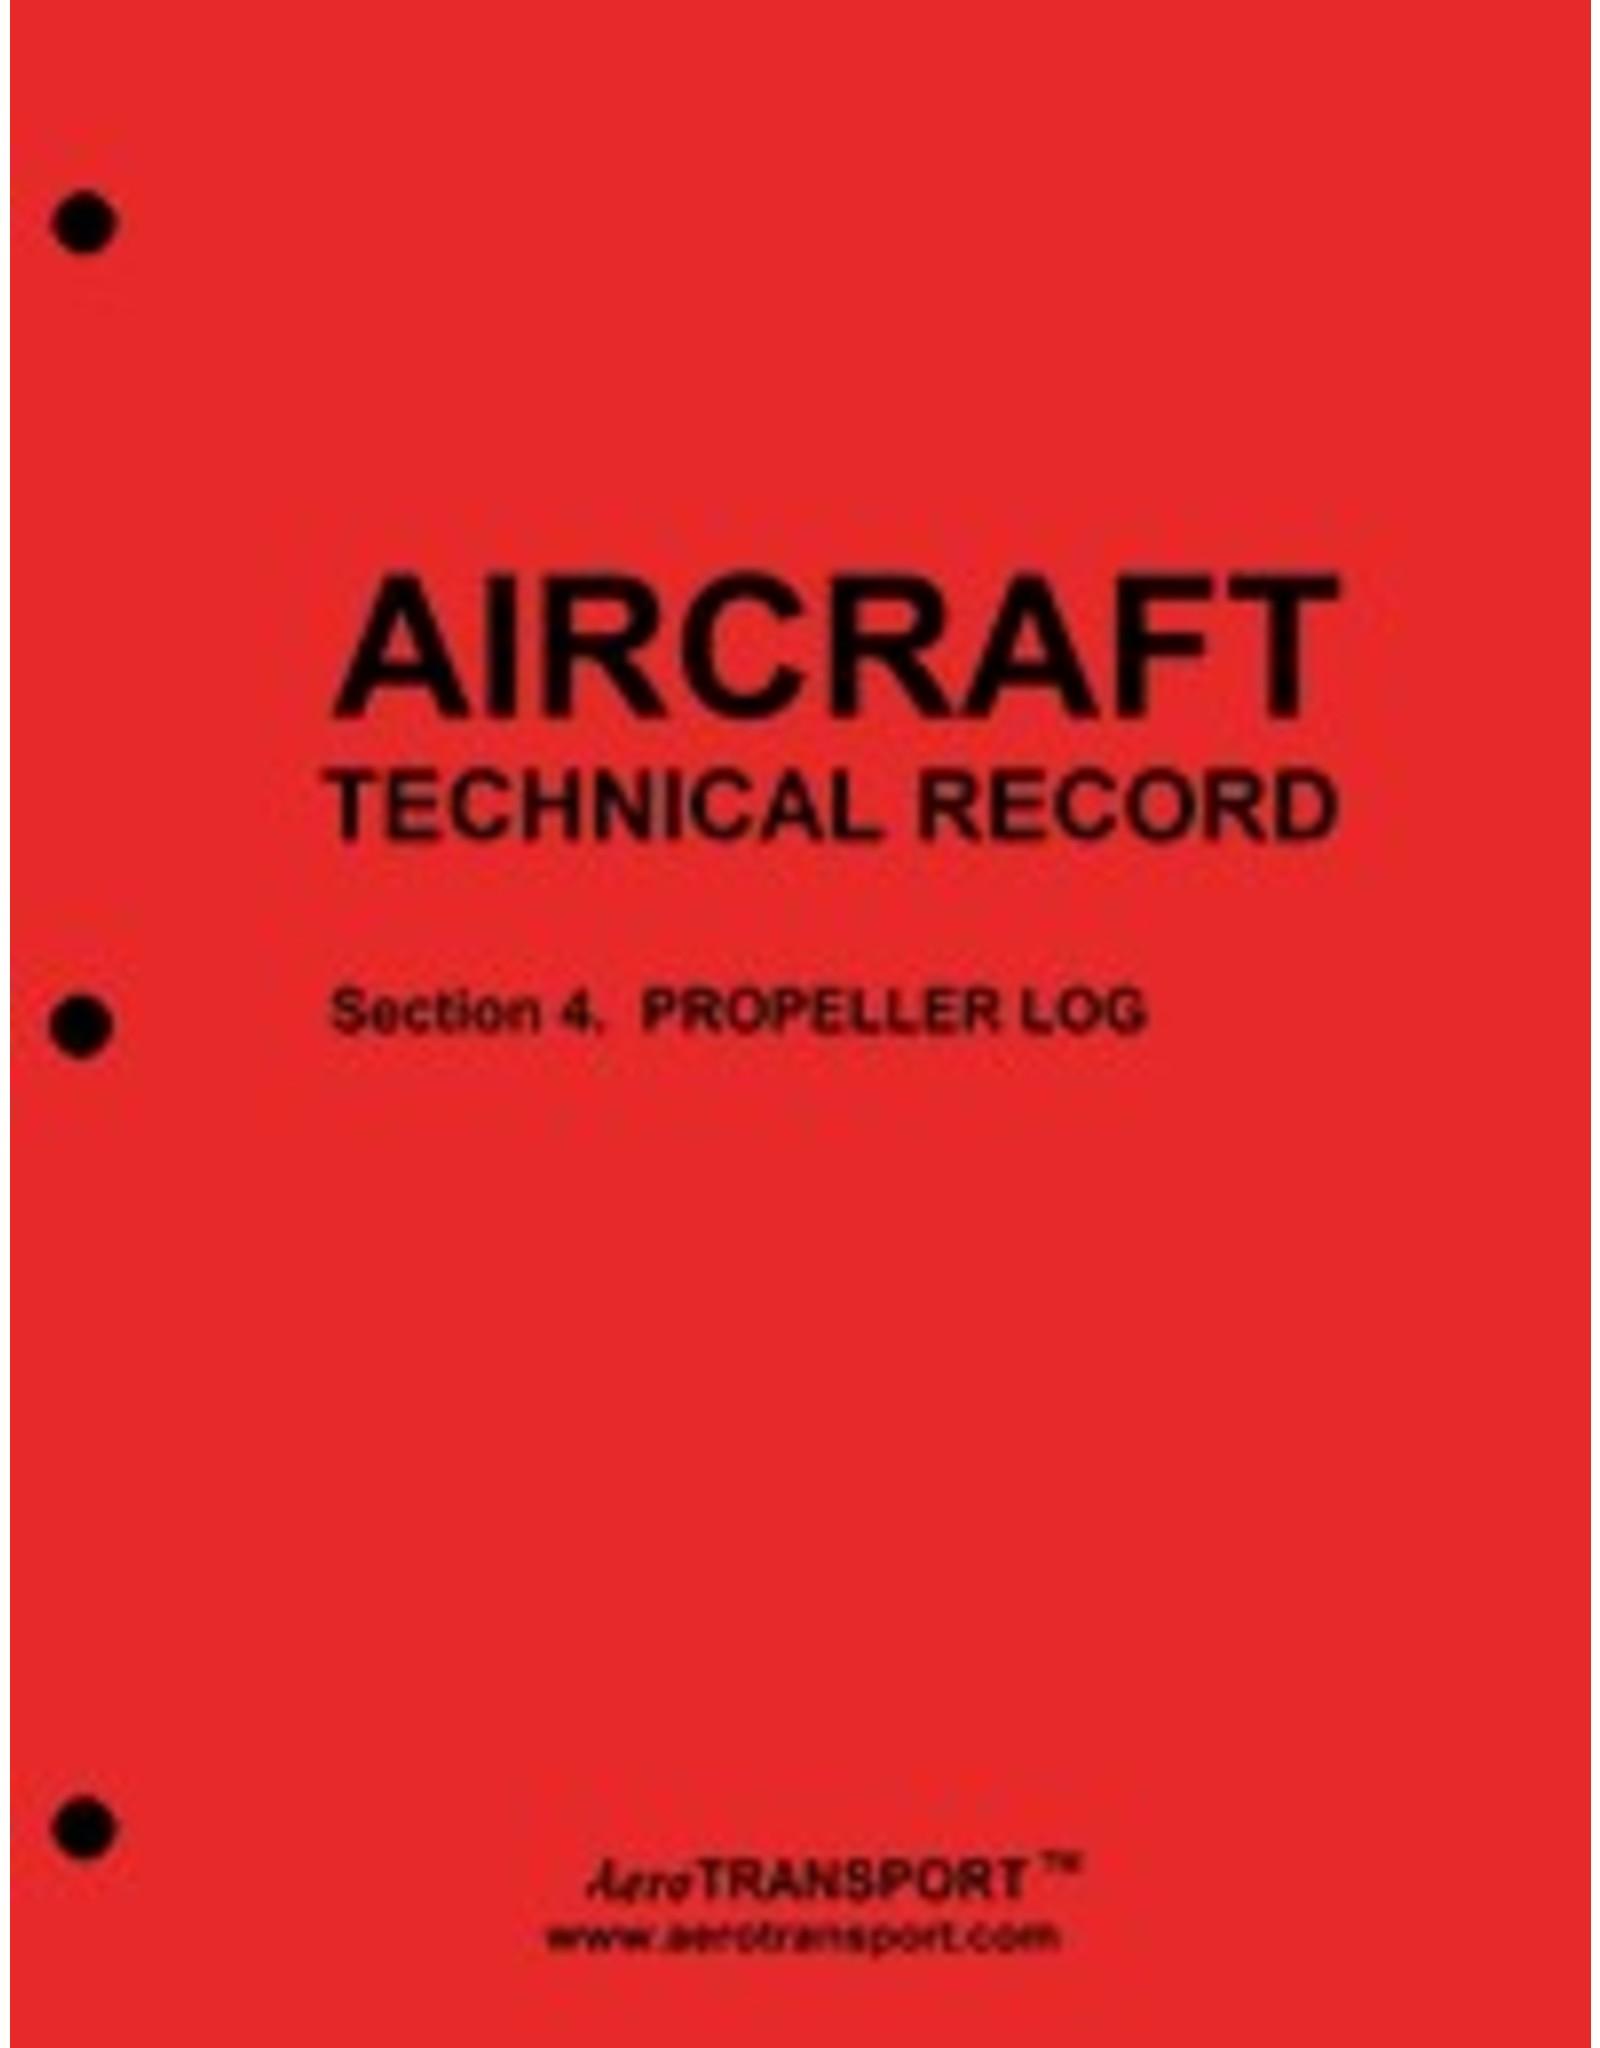 Tech Log 4: Propeller